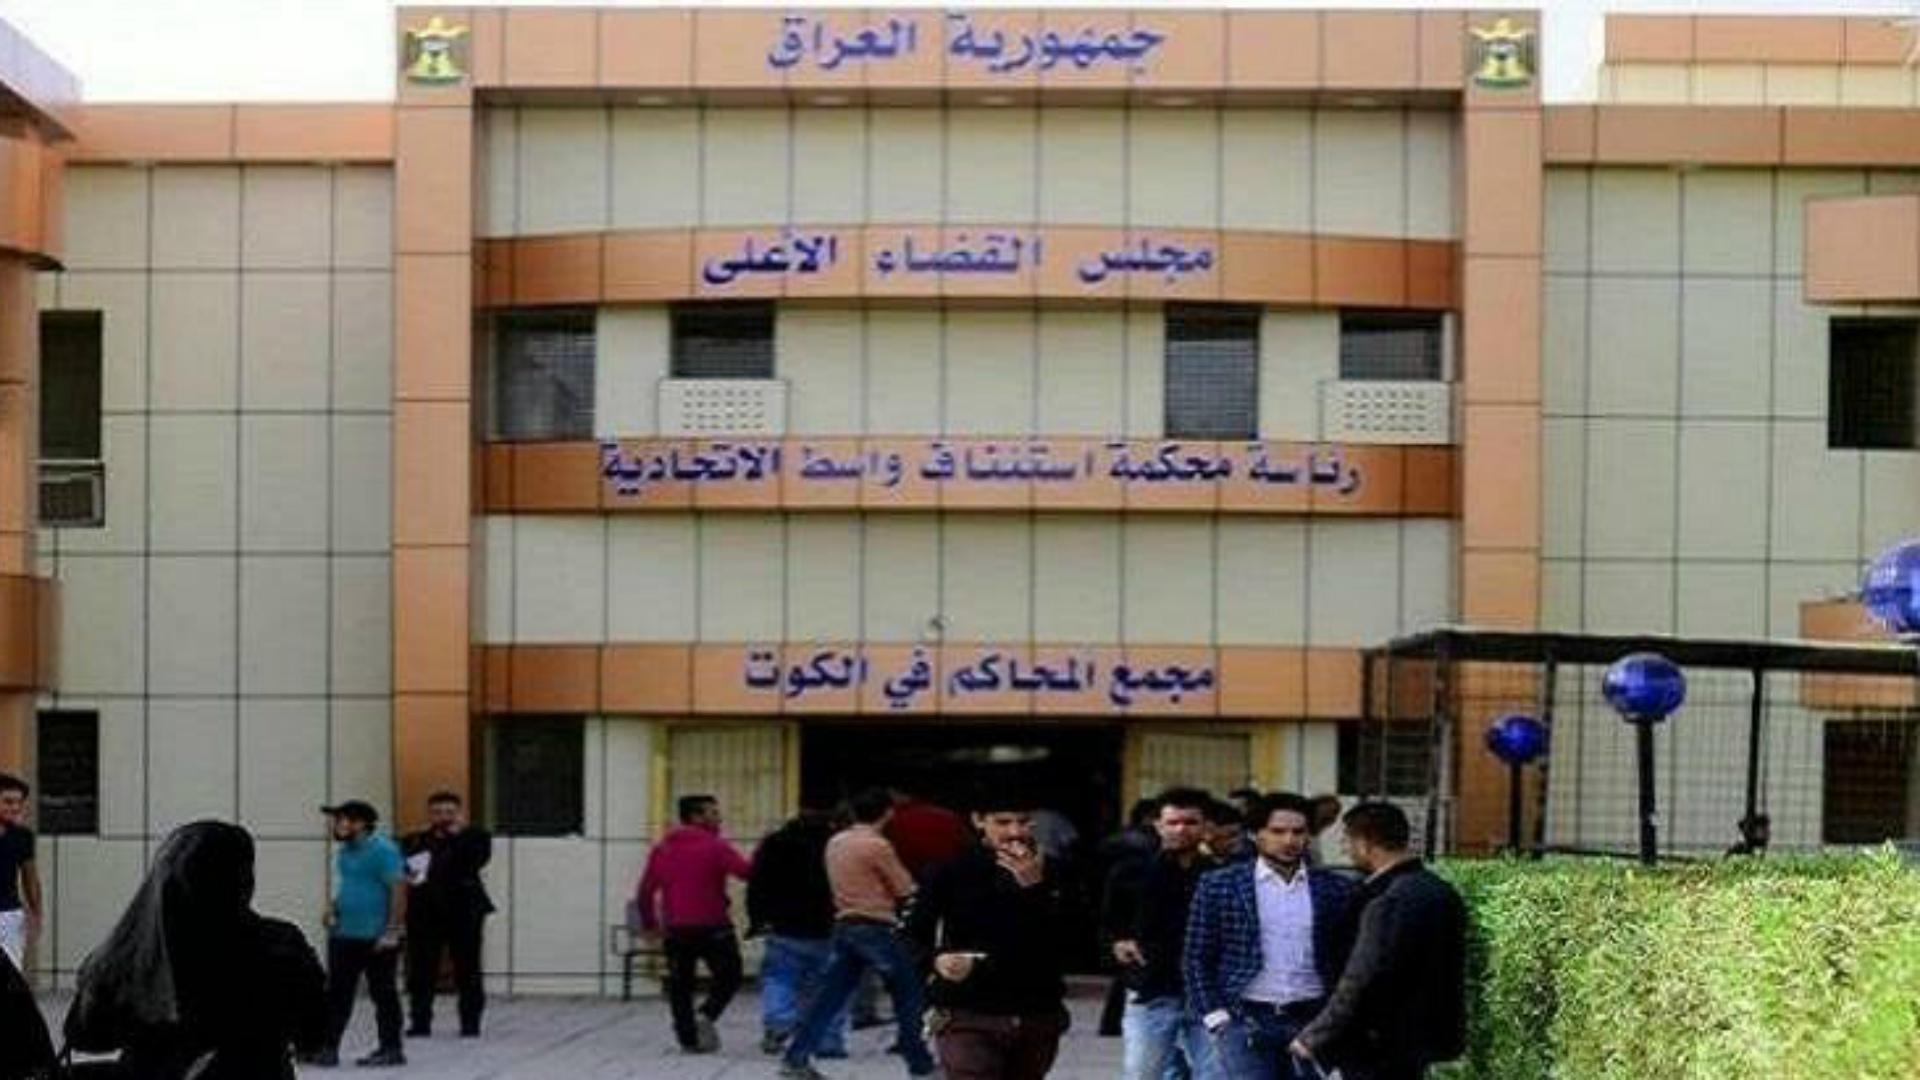 جنايات واسط تحكم على ضابطين بالسجن والإعدام لتسببهما بمقتل متظاهرين في الكوت